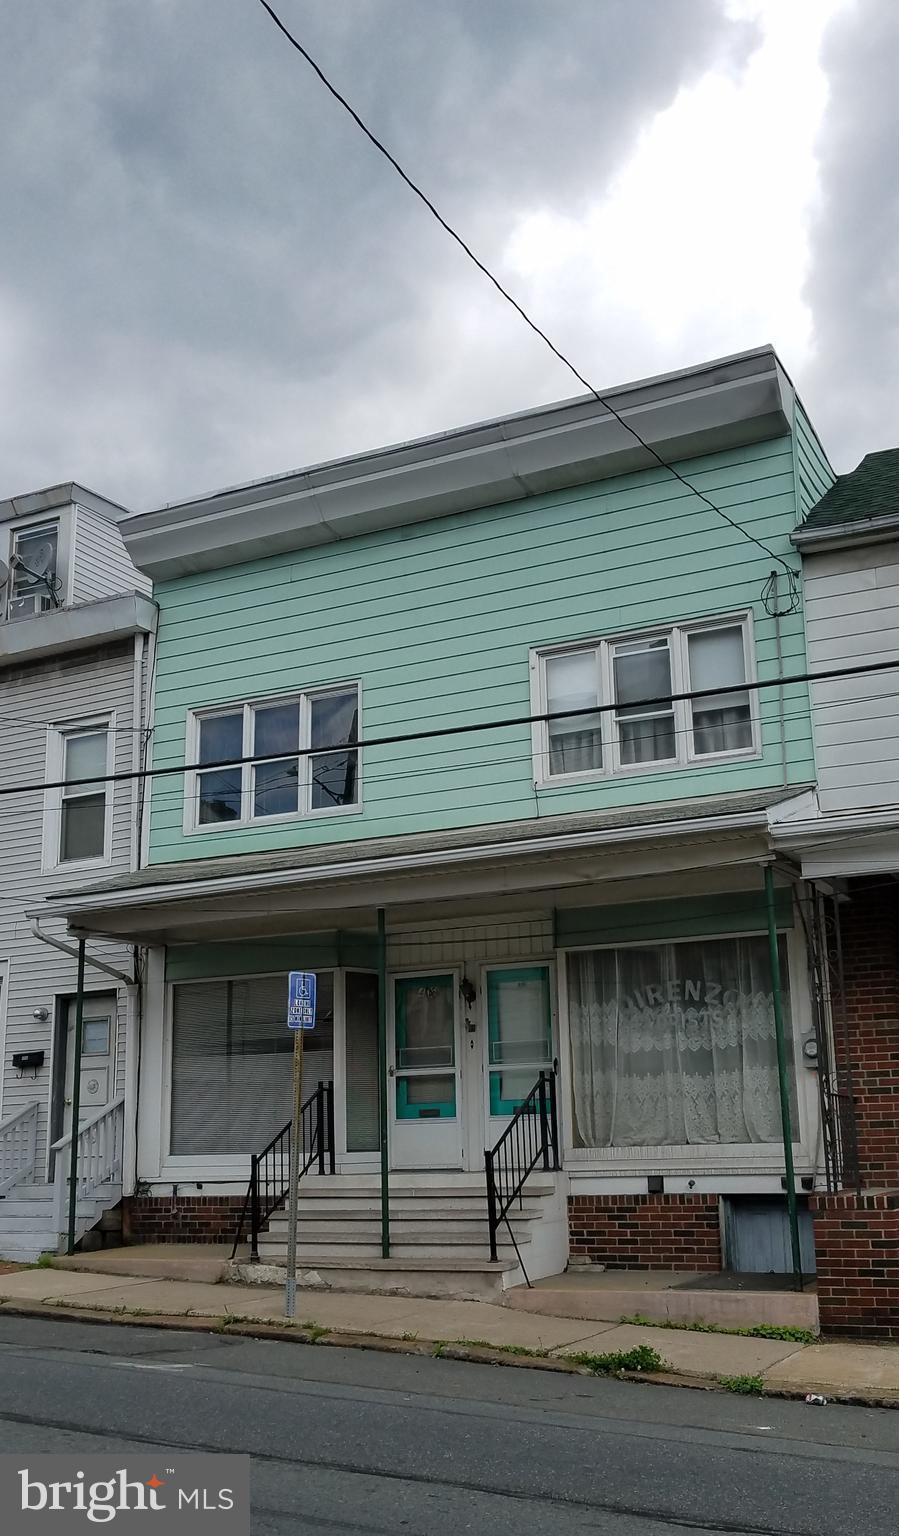 446 SUNBURY STREET, MINERSVILLE, PA 17954